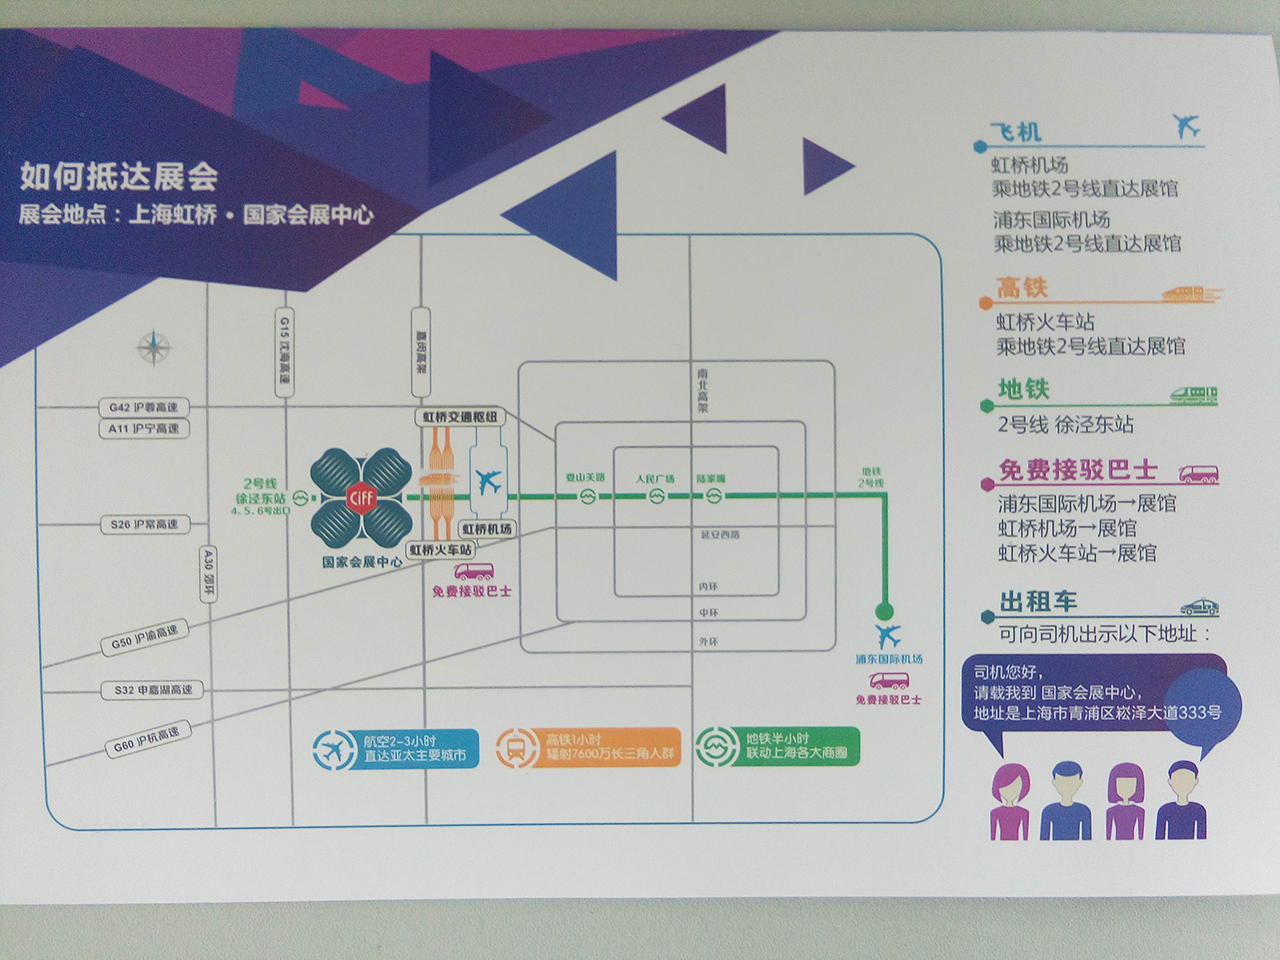 第40届中国(上海)国际家具博览会 邀请函 展会地址